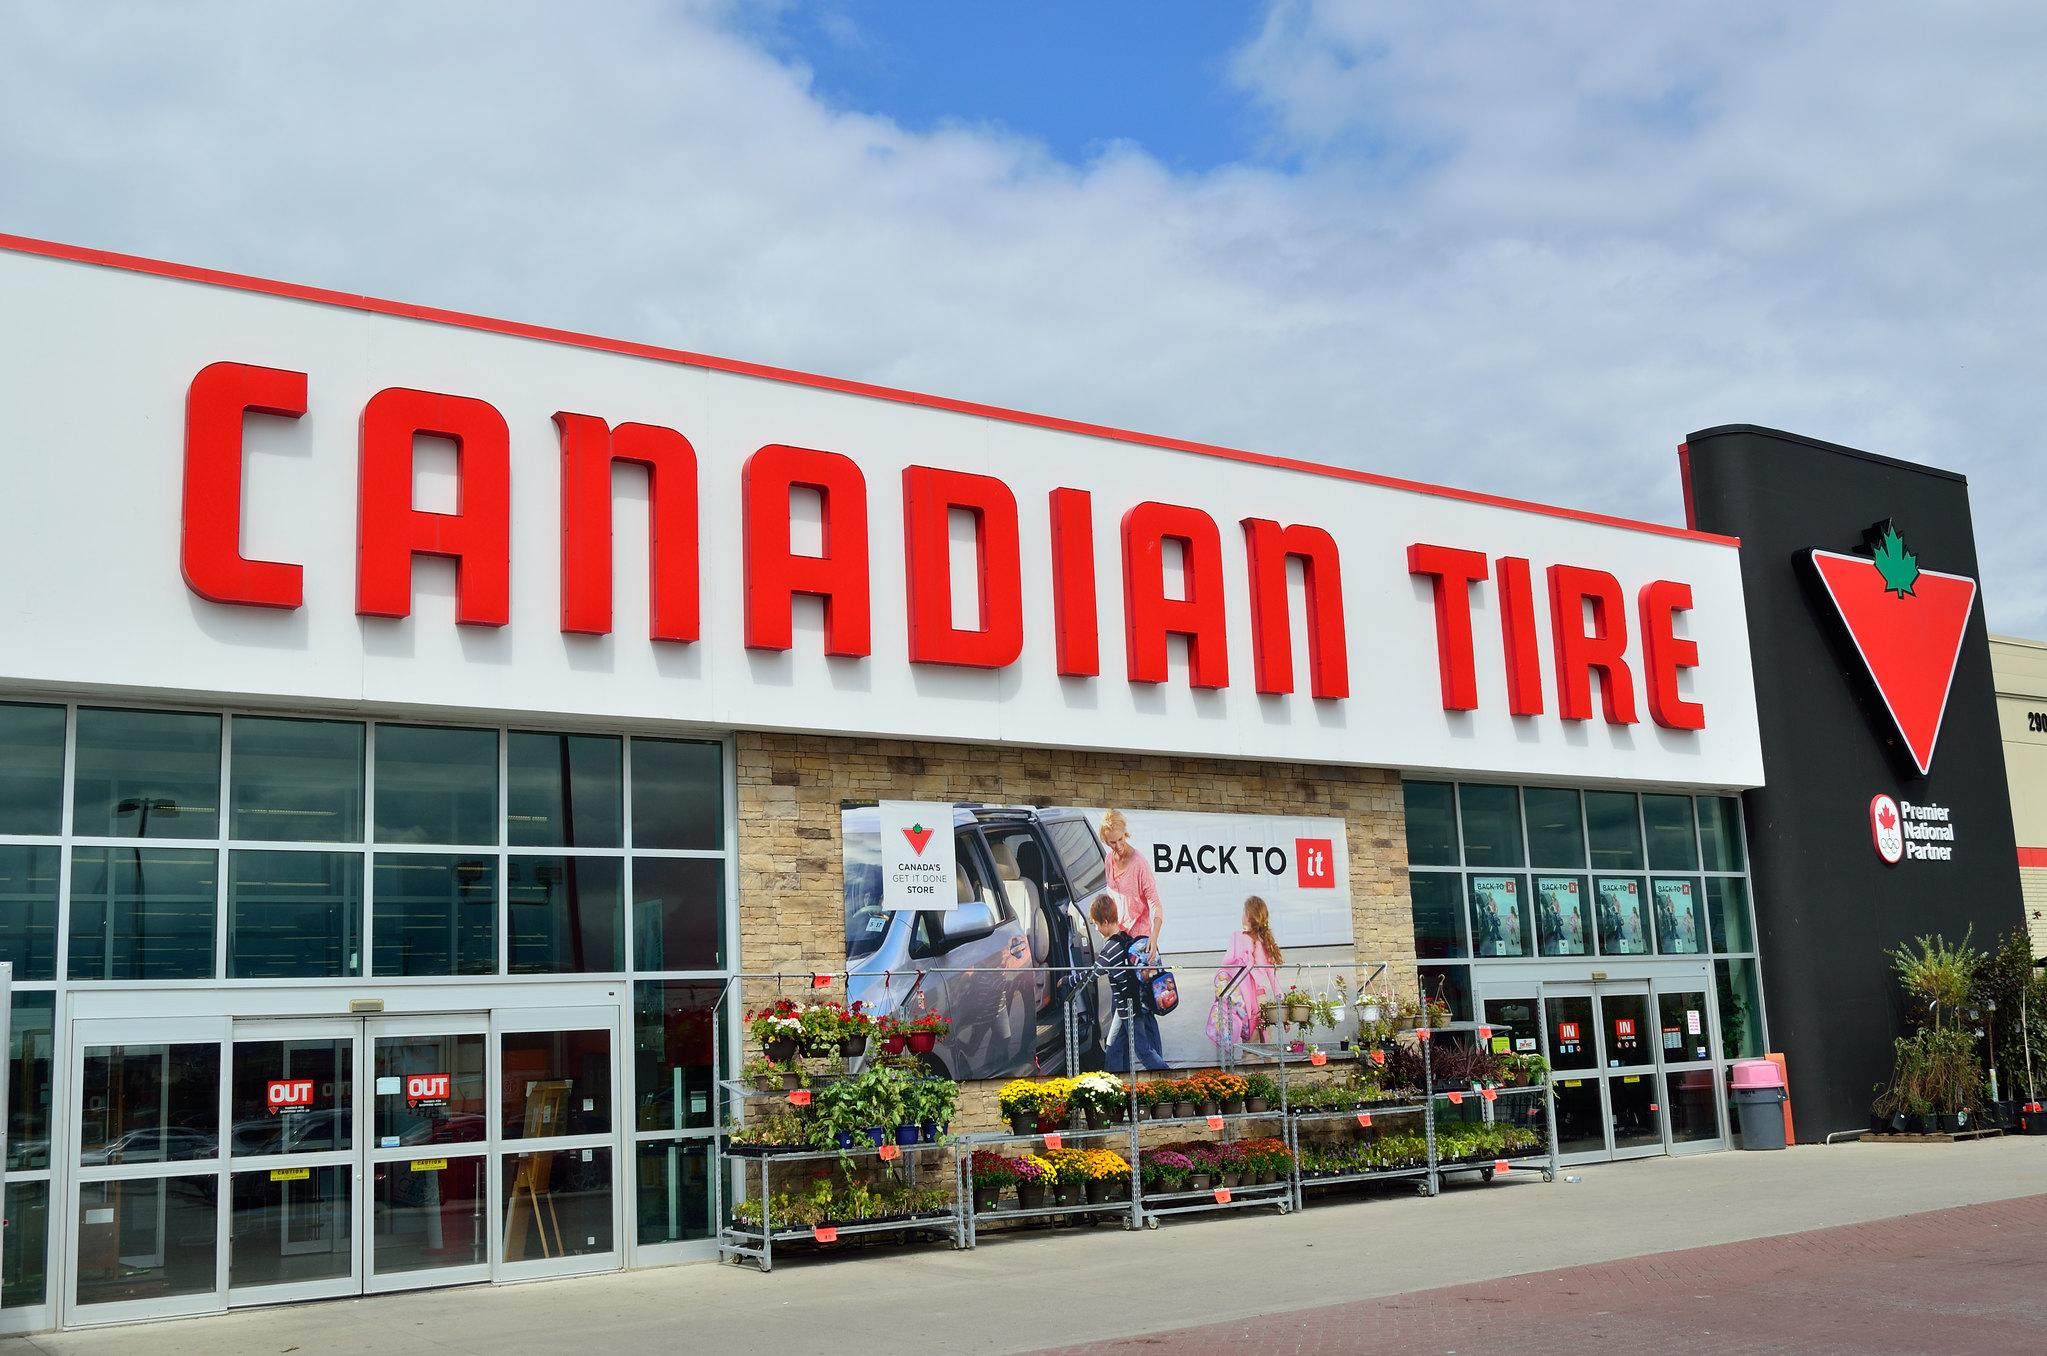 Photographie d'un magasin Canadian Tire